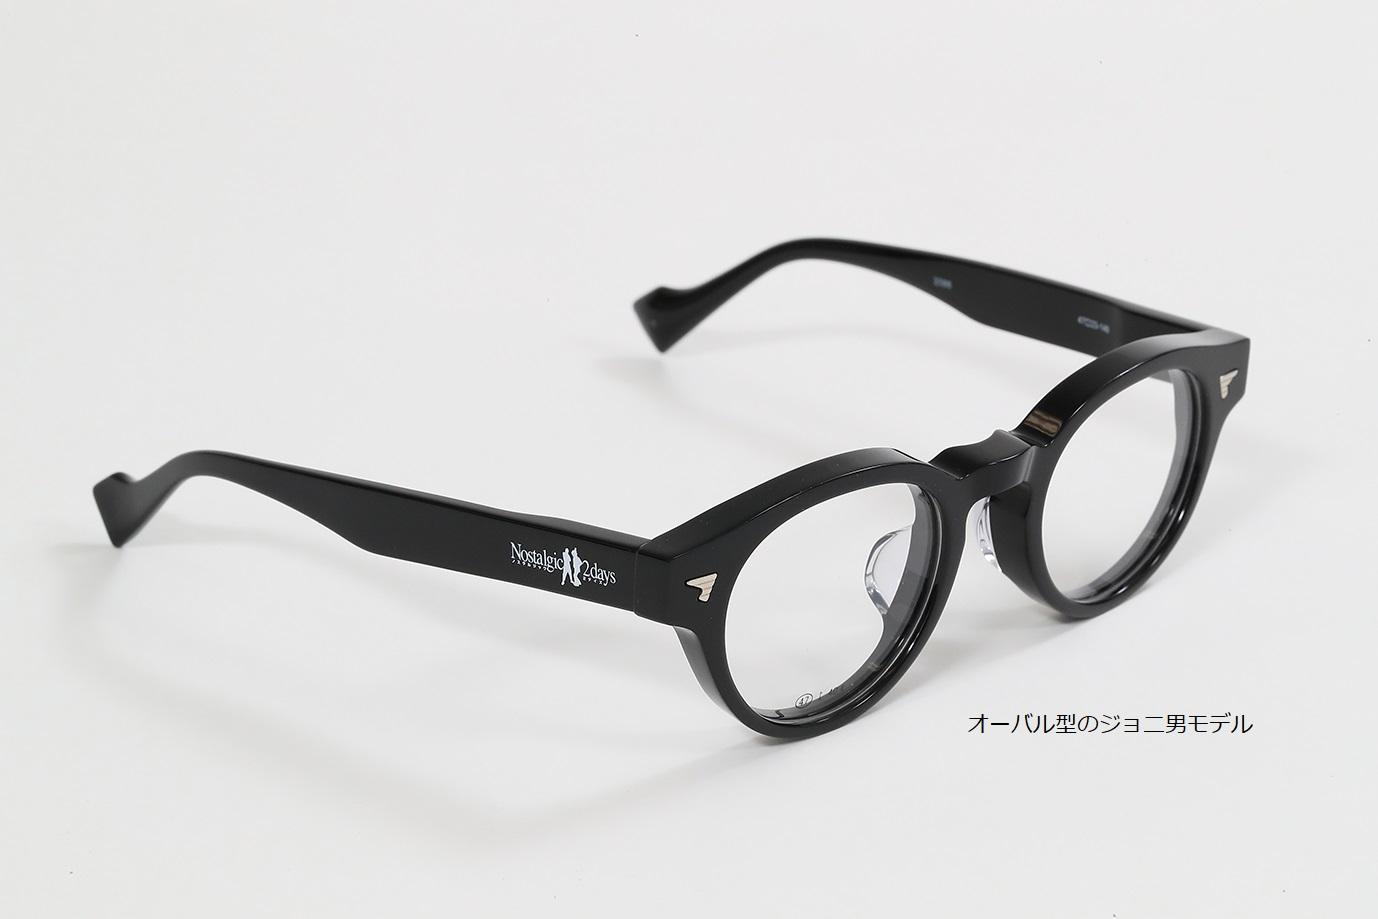 イワイガワ✕N2dコラボ眼鏡(井川モデル/ジョニ男モデル)